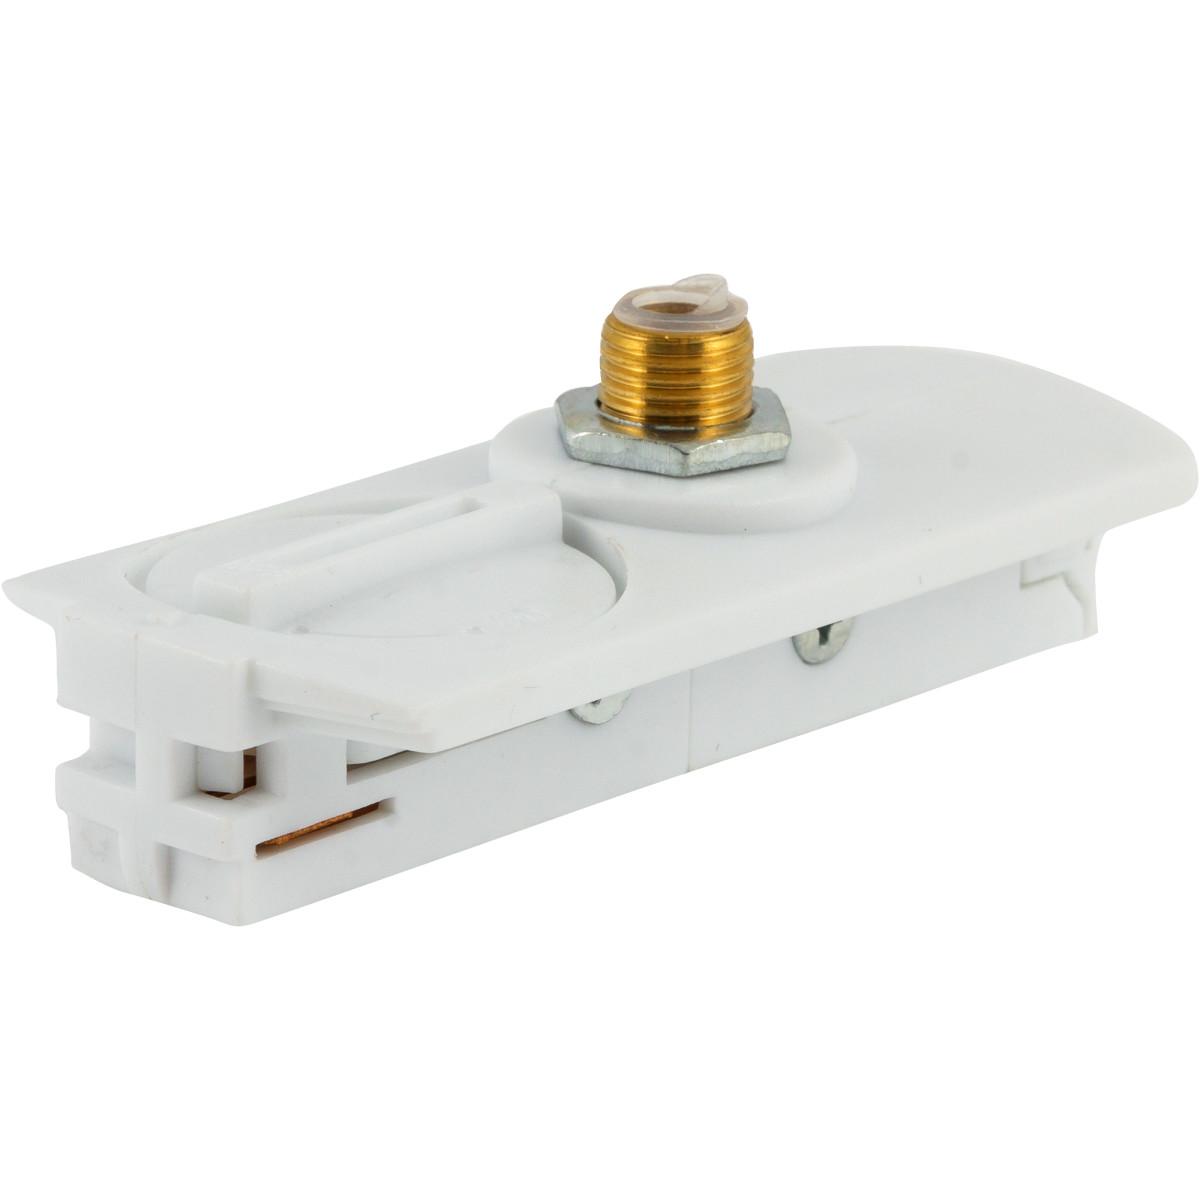 Адаптер для подключения любого прожектора или спота к трековой системе цвет белый